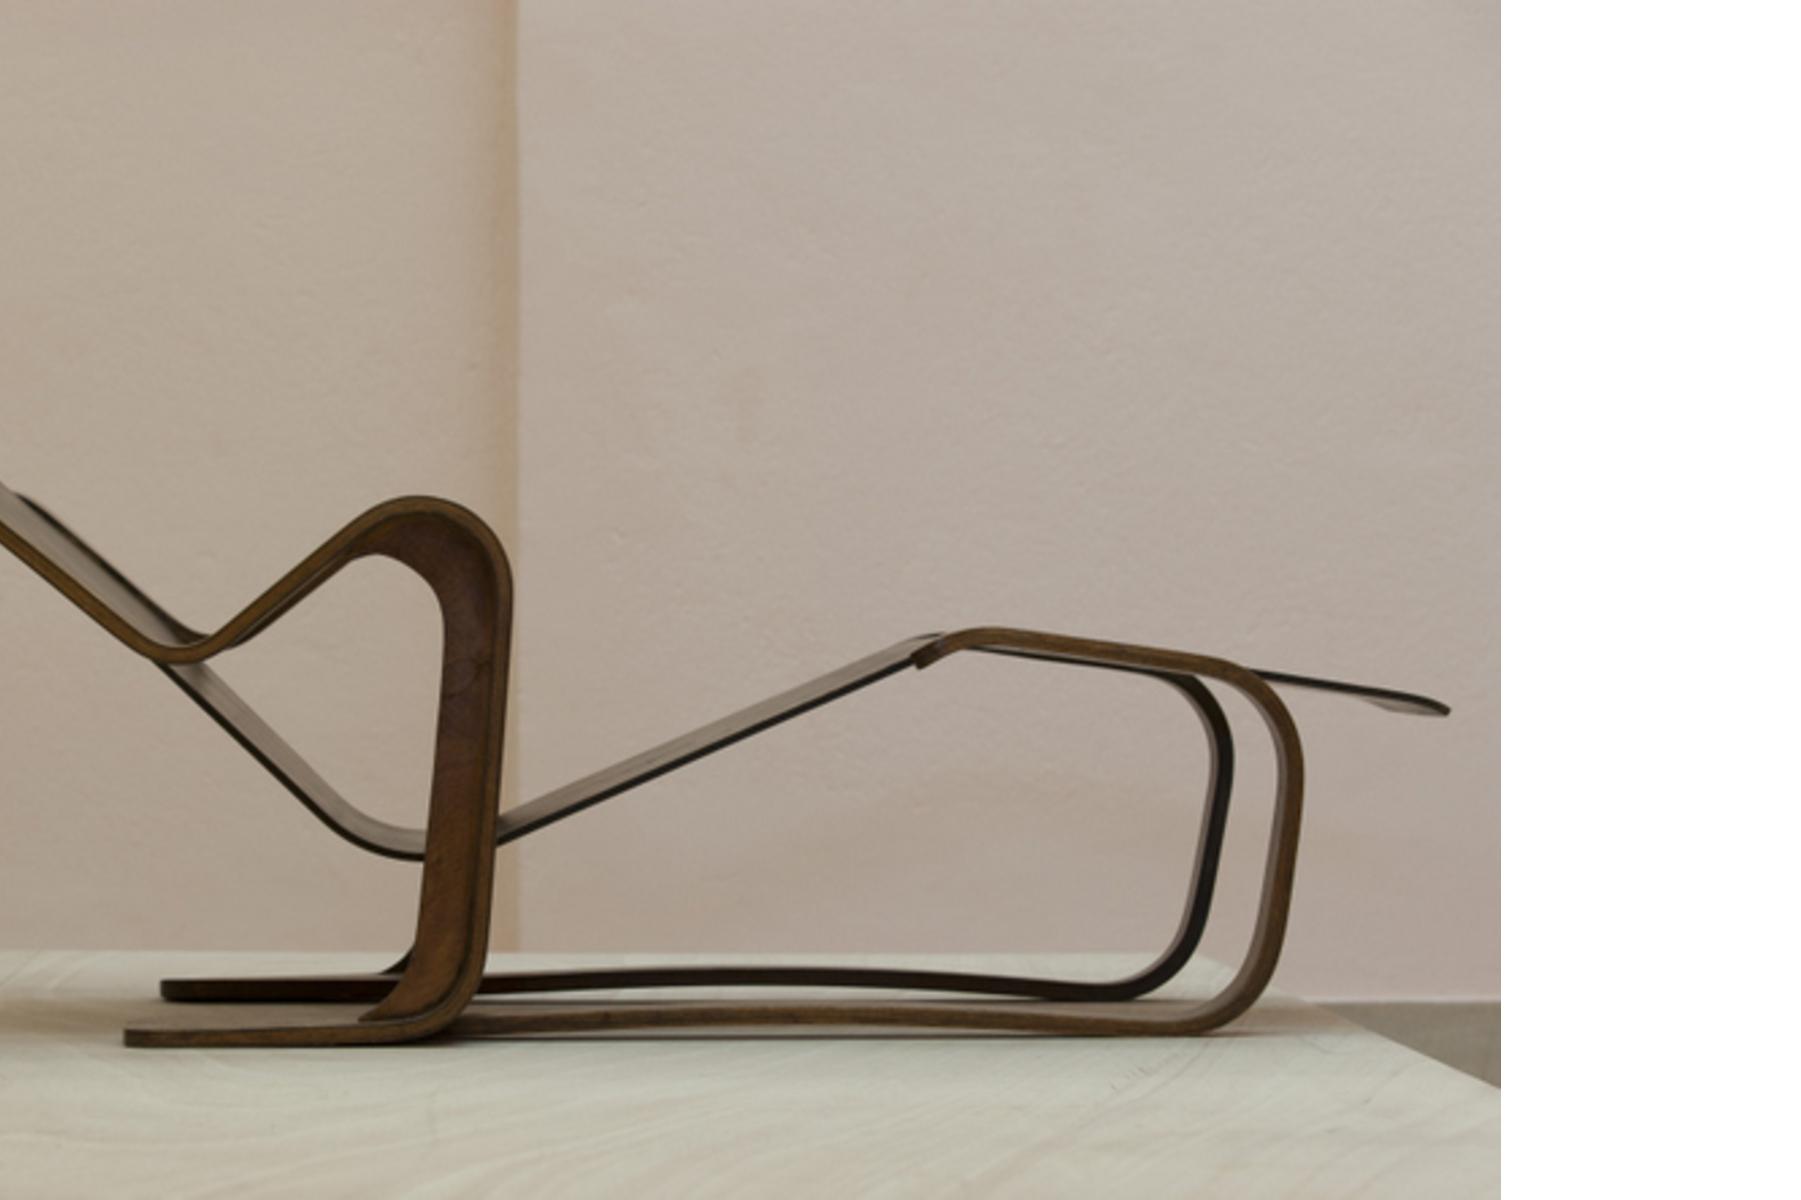 marcel breuer chaise marcel breuer chaise meilleur marcel breuer cesca tubular chrome steel. Black Bedroom Furniture Sets. Home Design Ideas